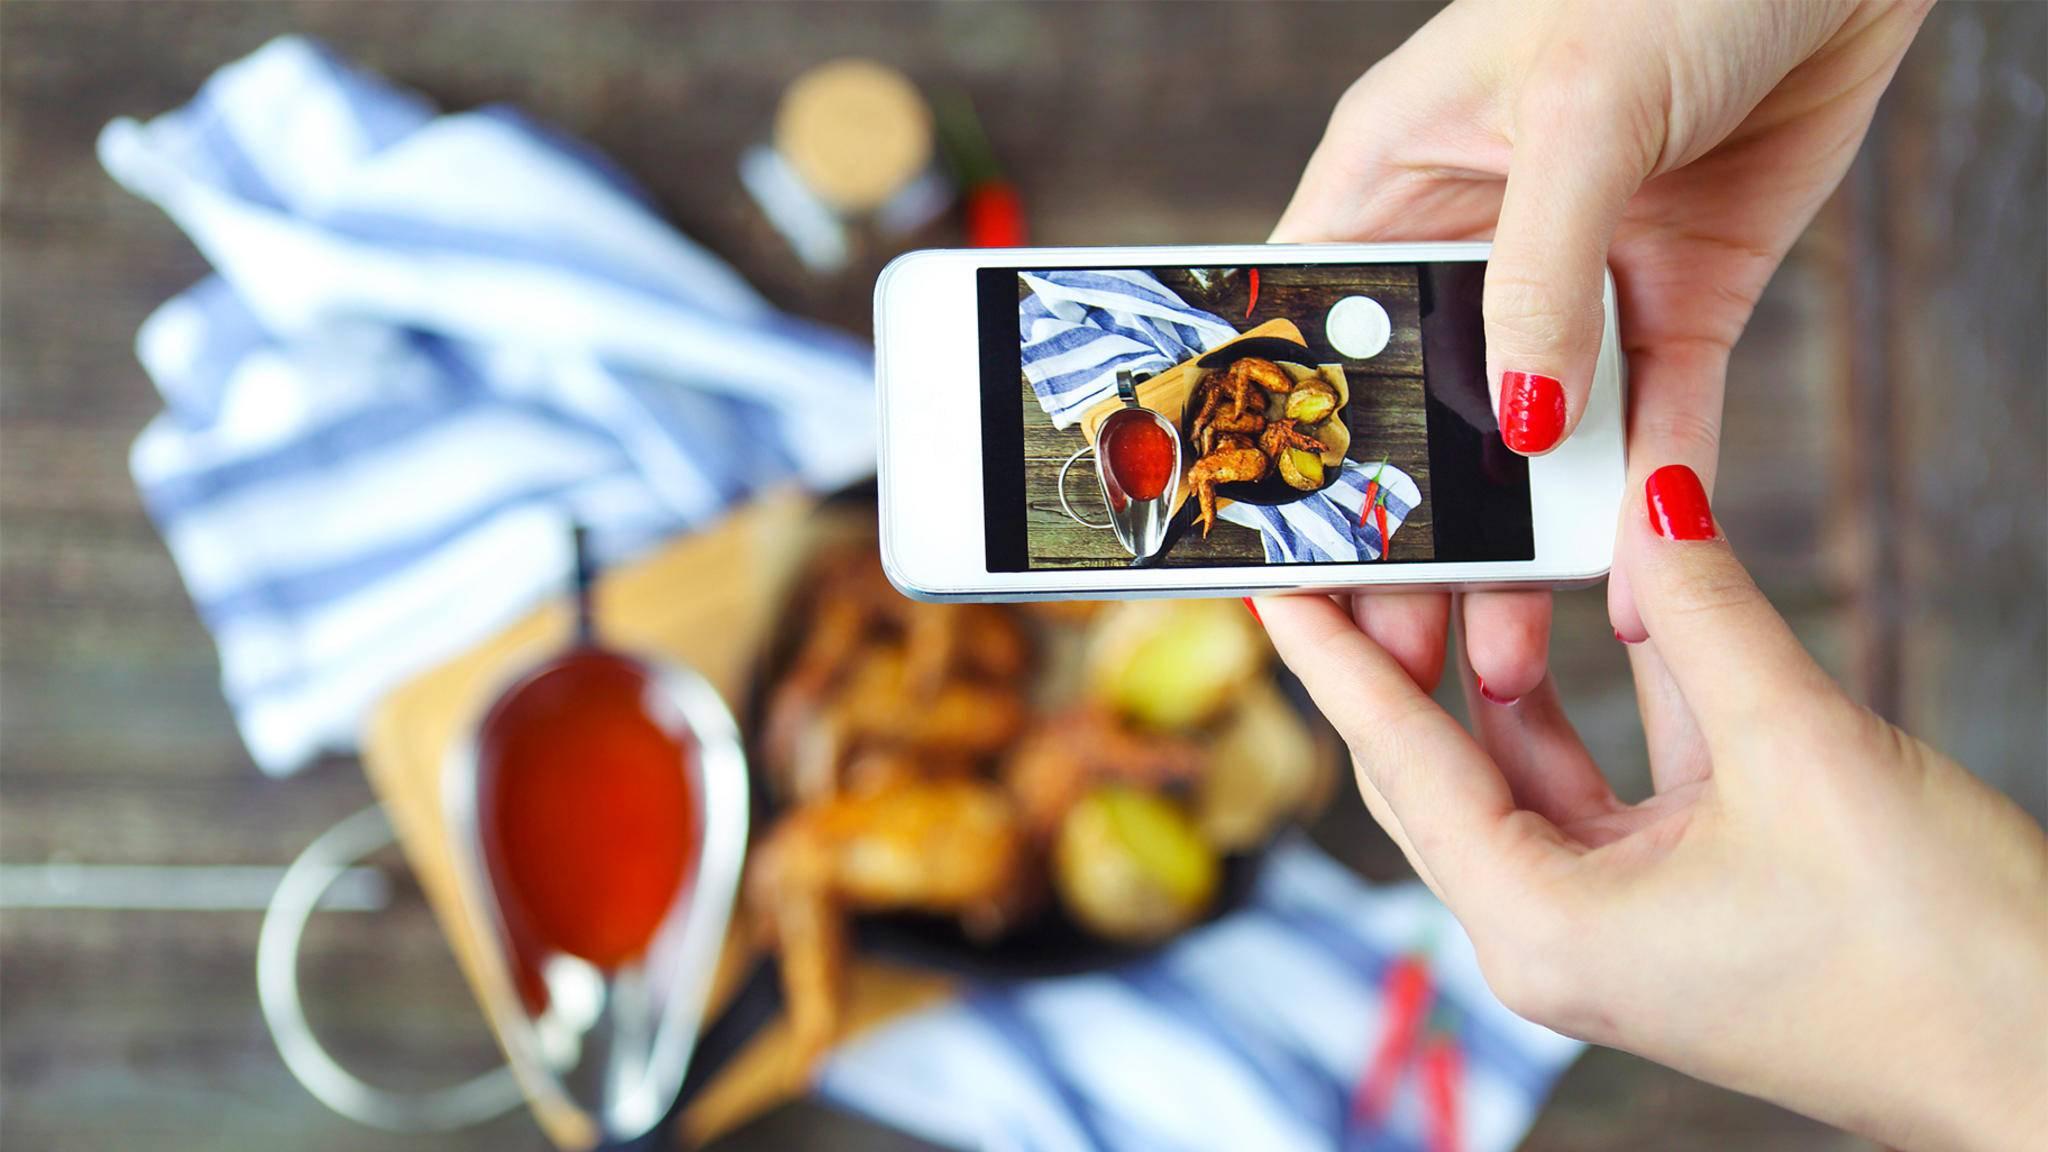 Auf der Fotoplattform Instagram zählen Ästhetik und Bildsprache.